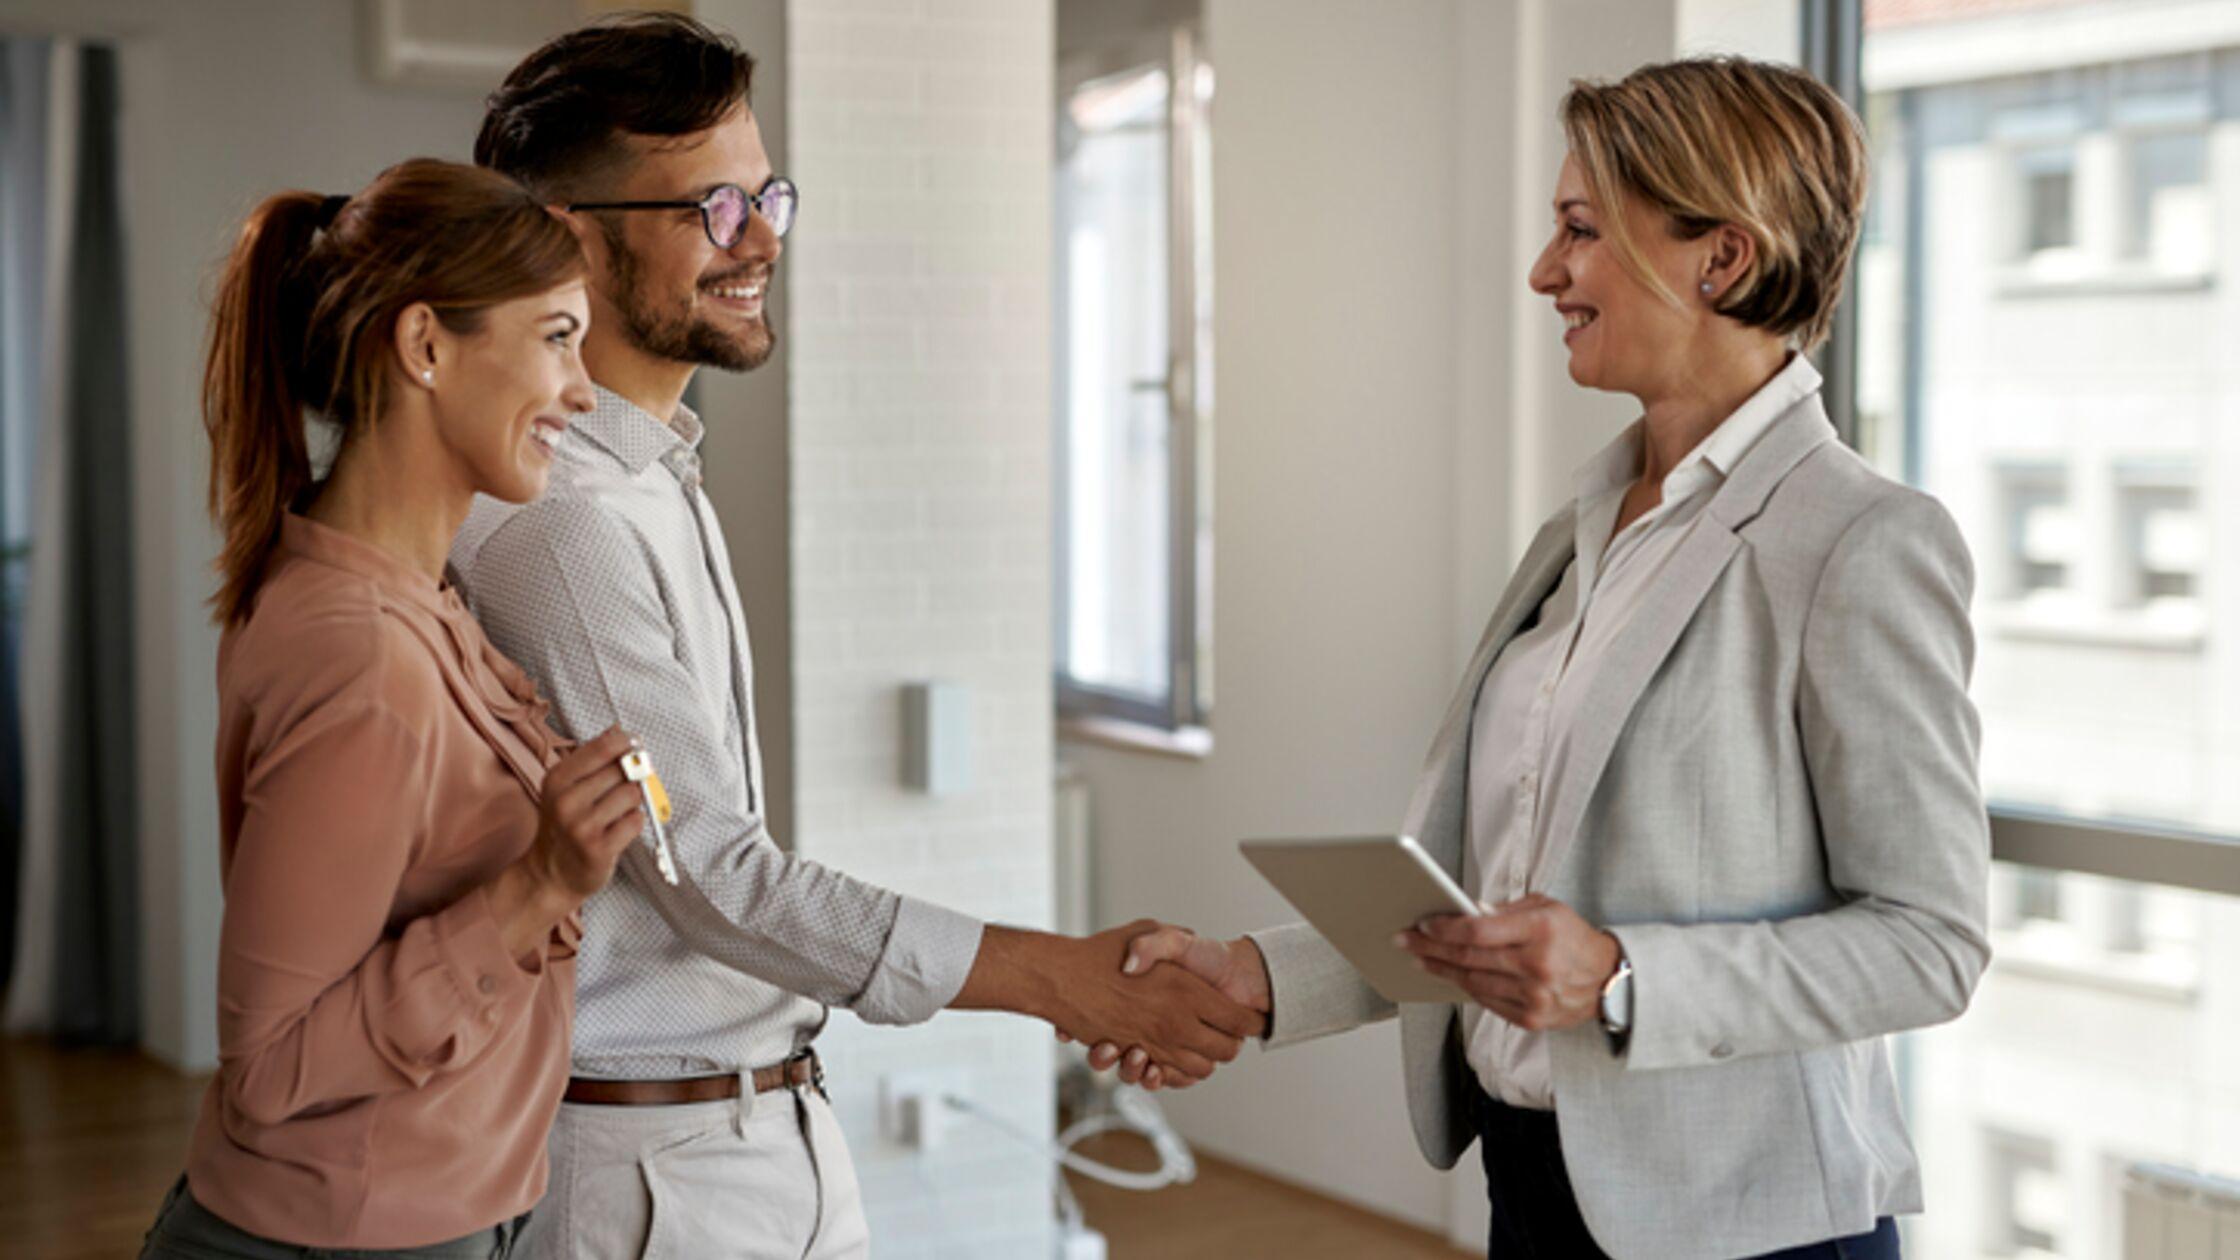 Tipps für die Wohnungsbesichtigung: So kriegen Sie Ihre Traumwohnung